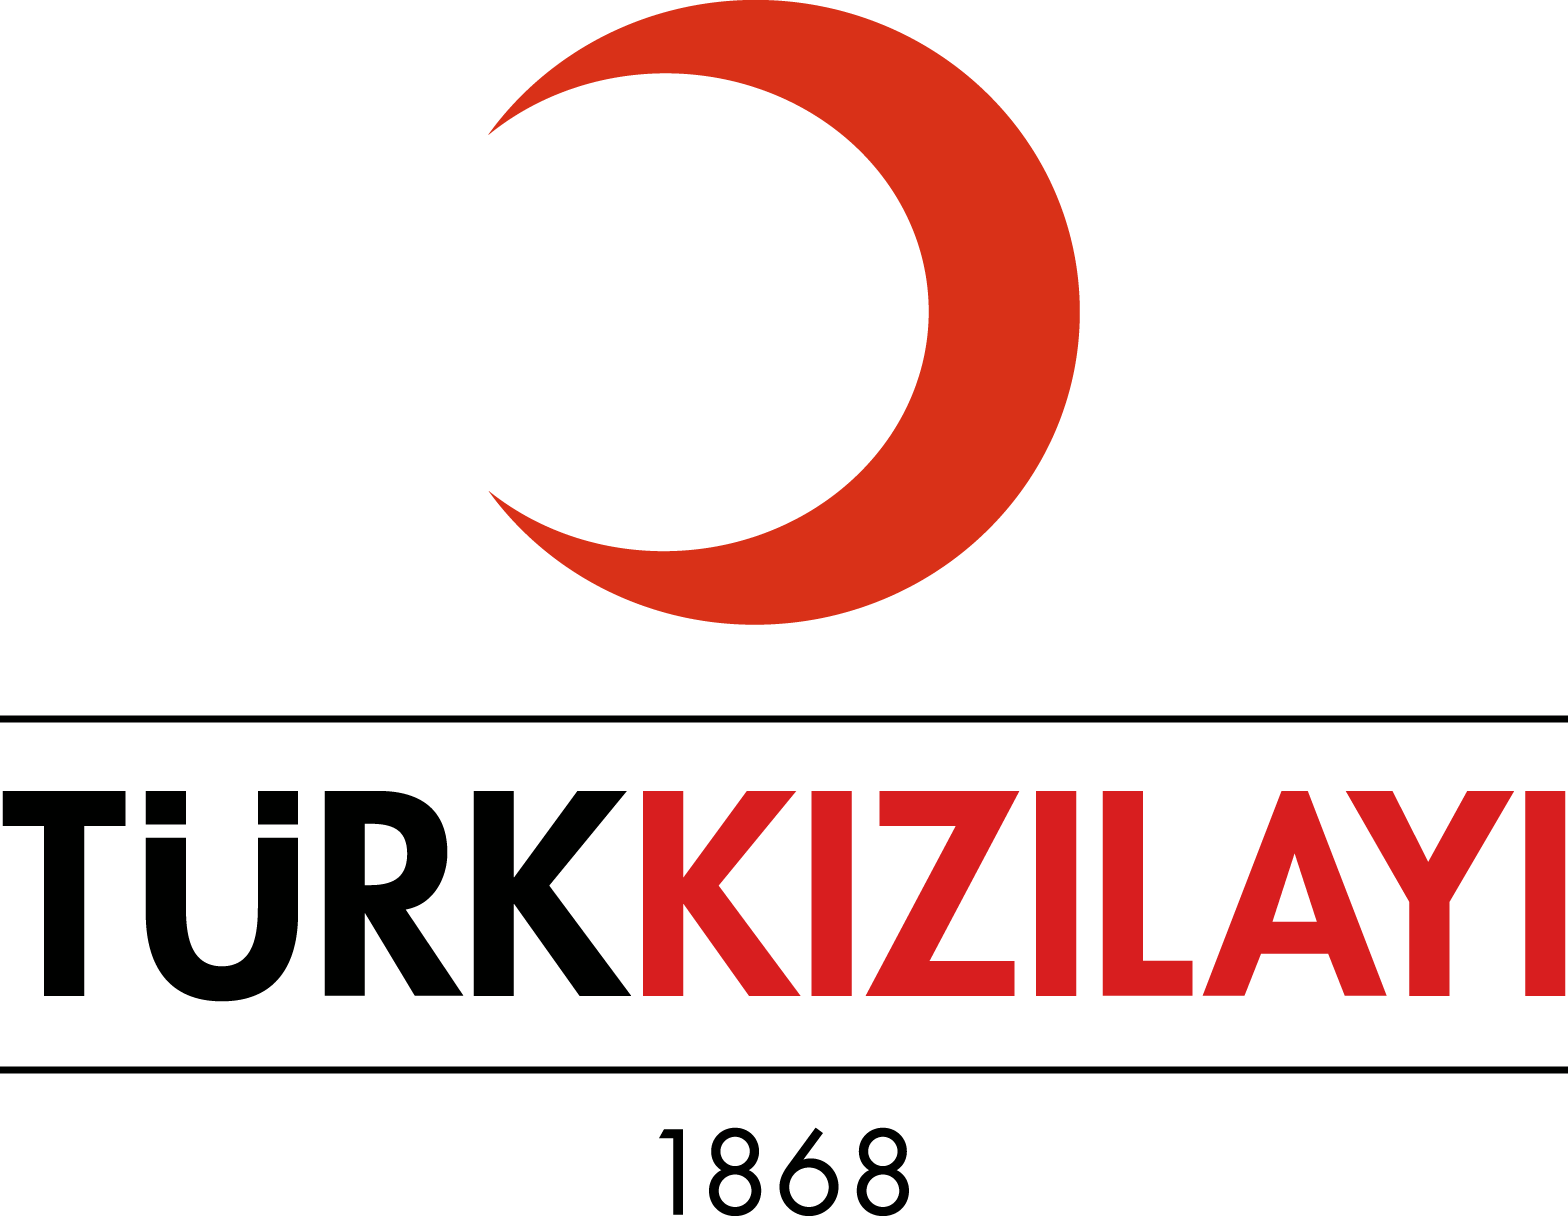 türk kızılayı logo png ile ilgili görsel sonucu